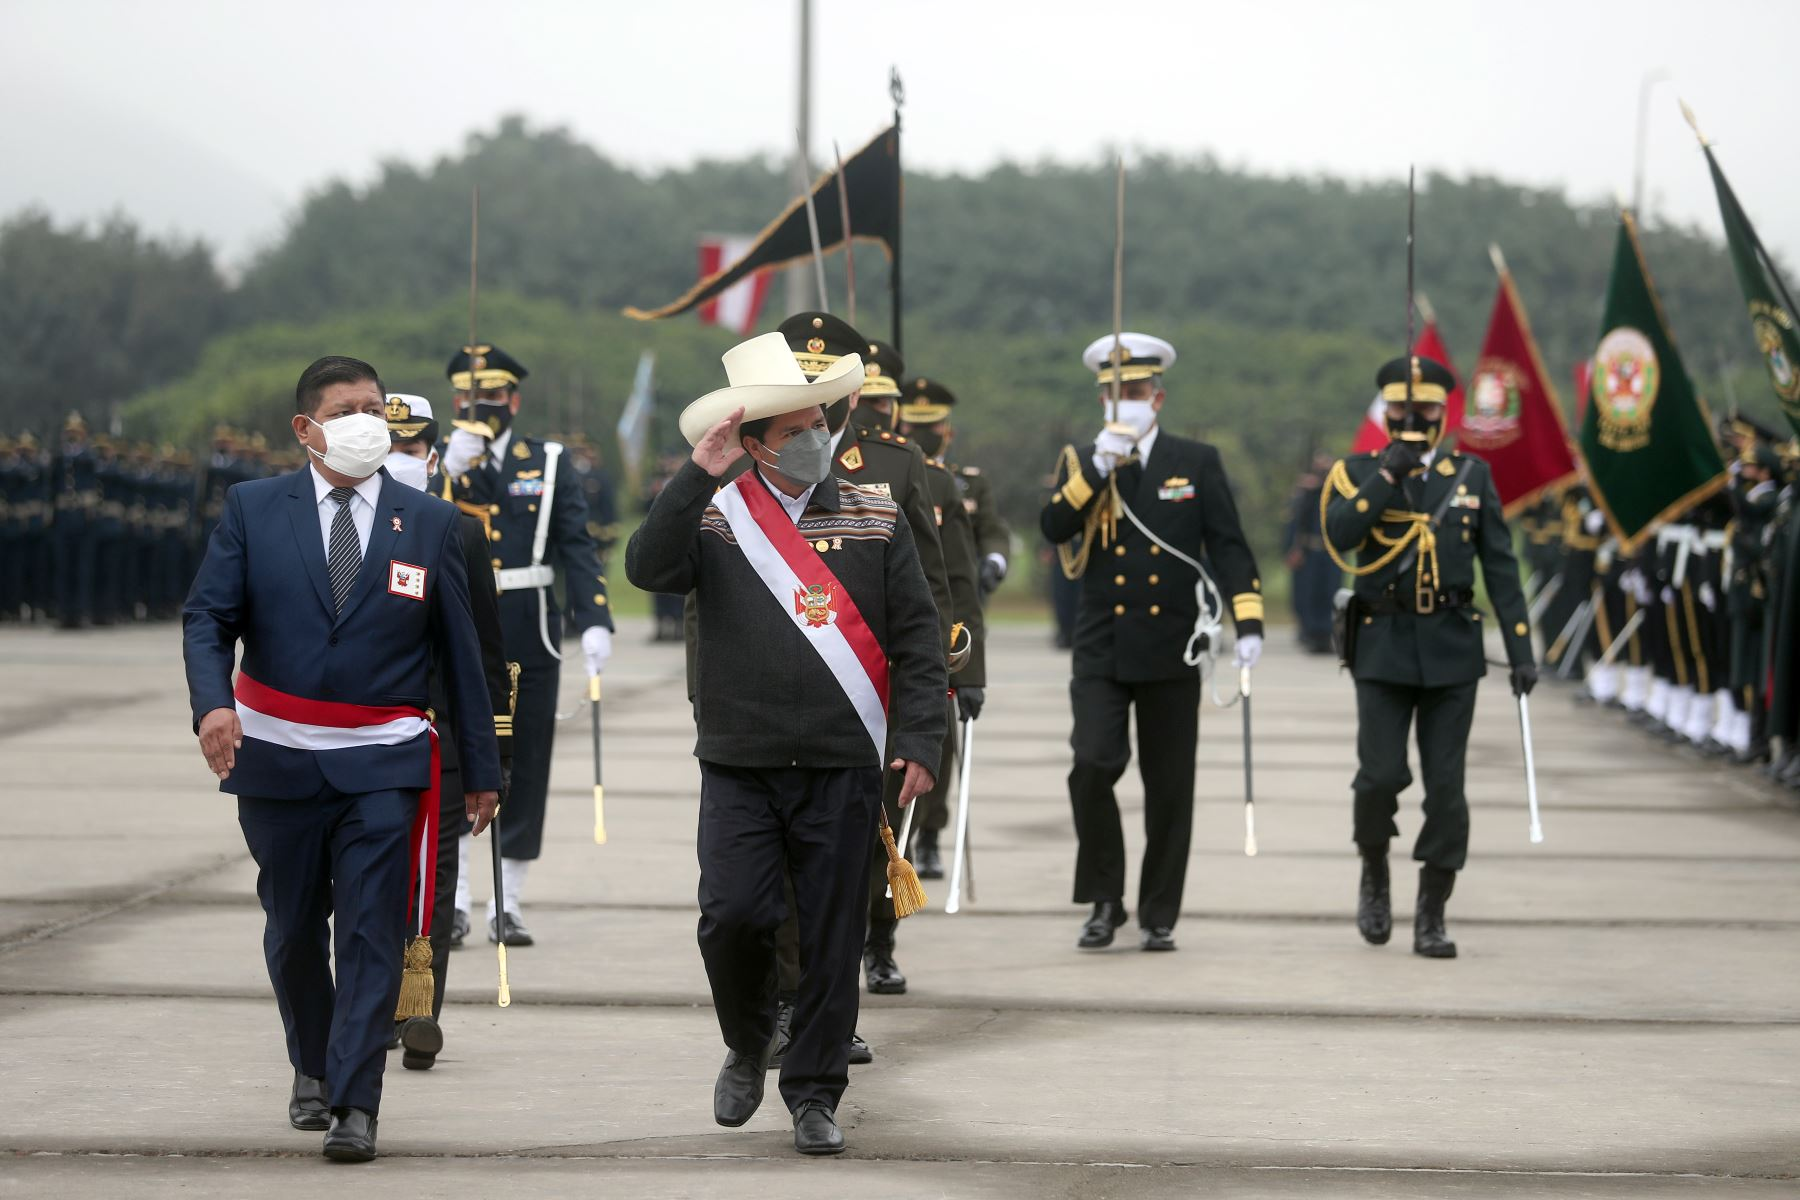 Gran Parada Cívico Militar por Fiestas Patrias y  reconocimiento del señor presidente de la República, Pedro Castillo, como jefe supremo de las Fuerzas Armadas y Policía Nacional del Perú, y Desfile Militar por Fiestas Patrias. Foto: ANDINA/Prensa Presidencia